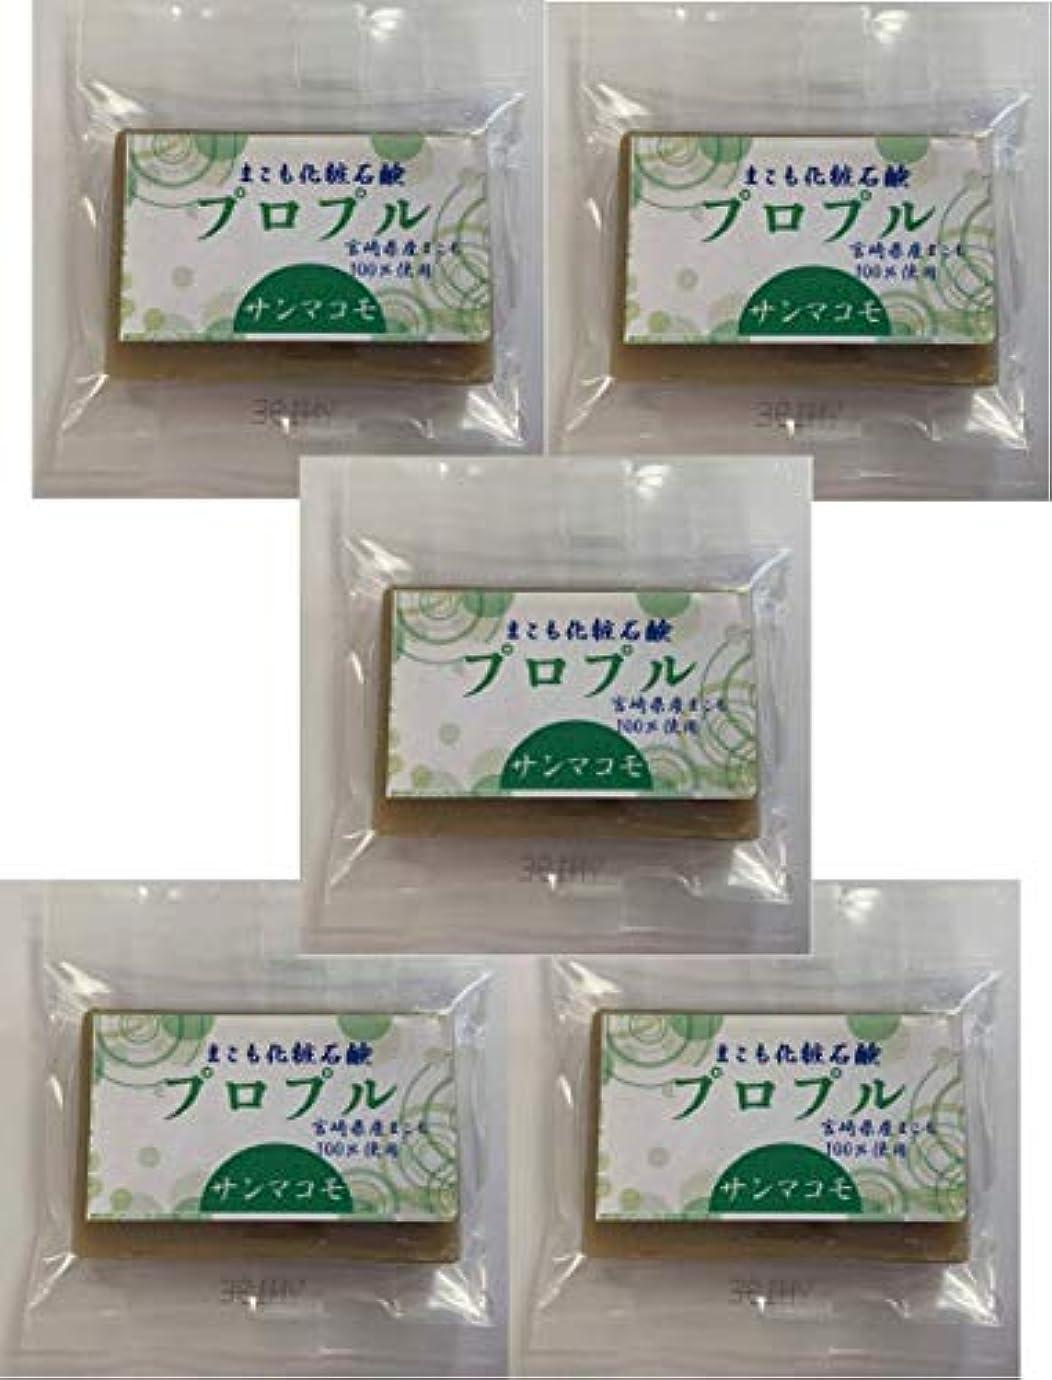 出力コンパニオン同意まこも化粧石鹸 プロプル 15g 5個セット